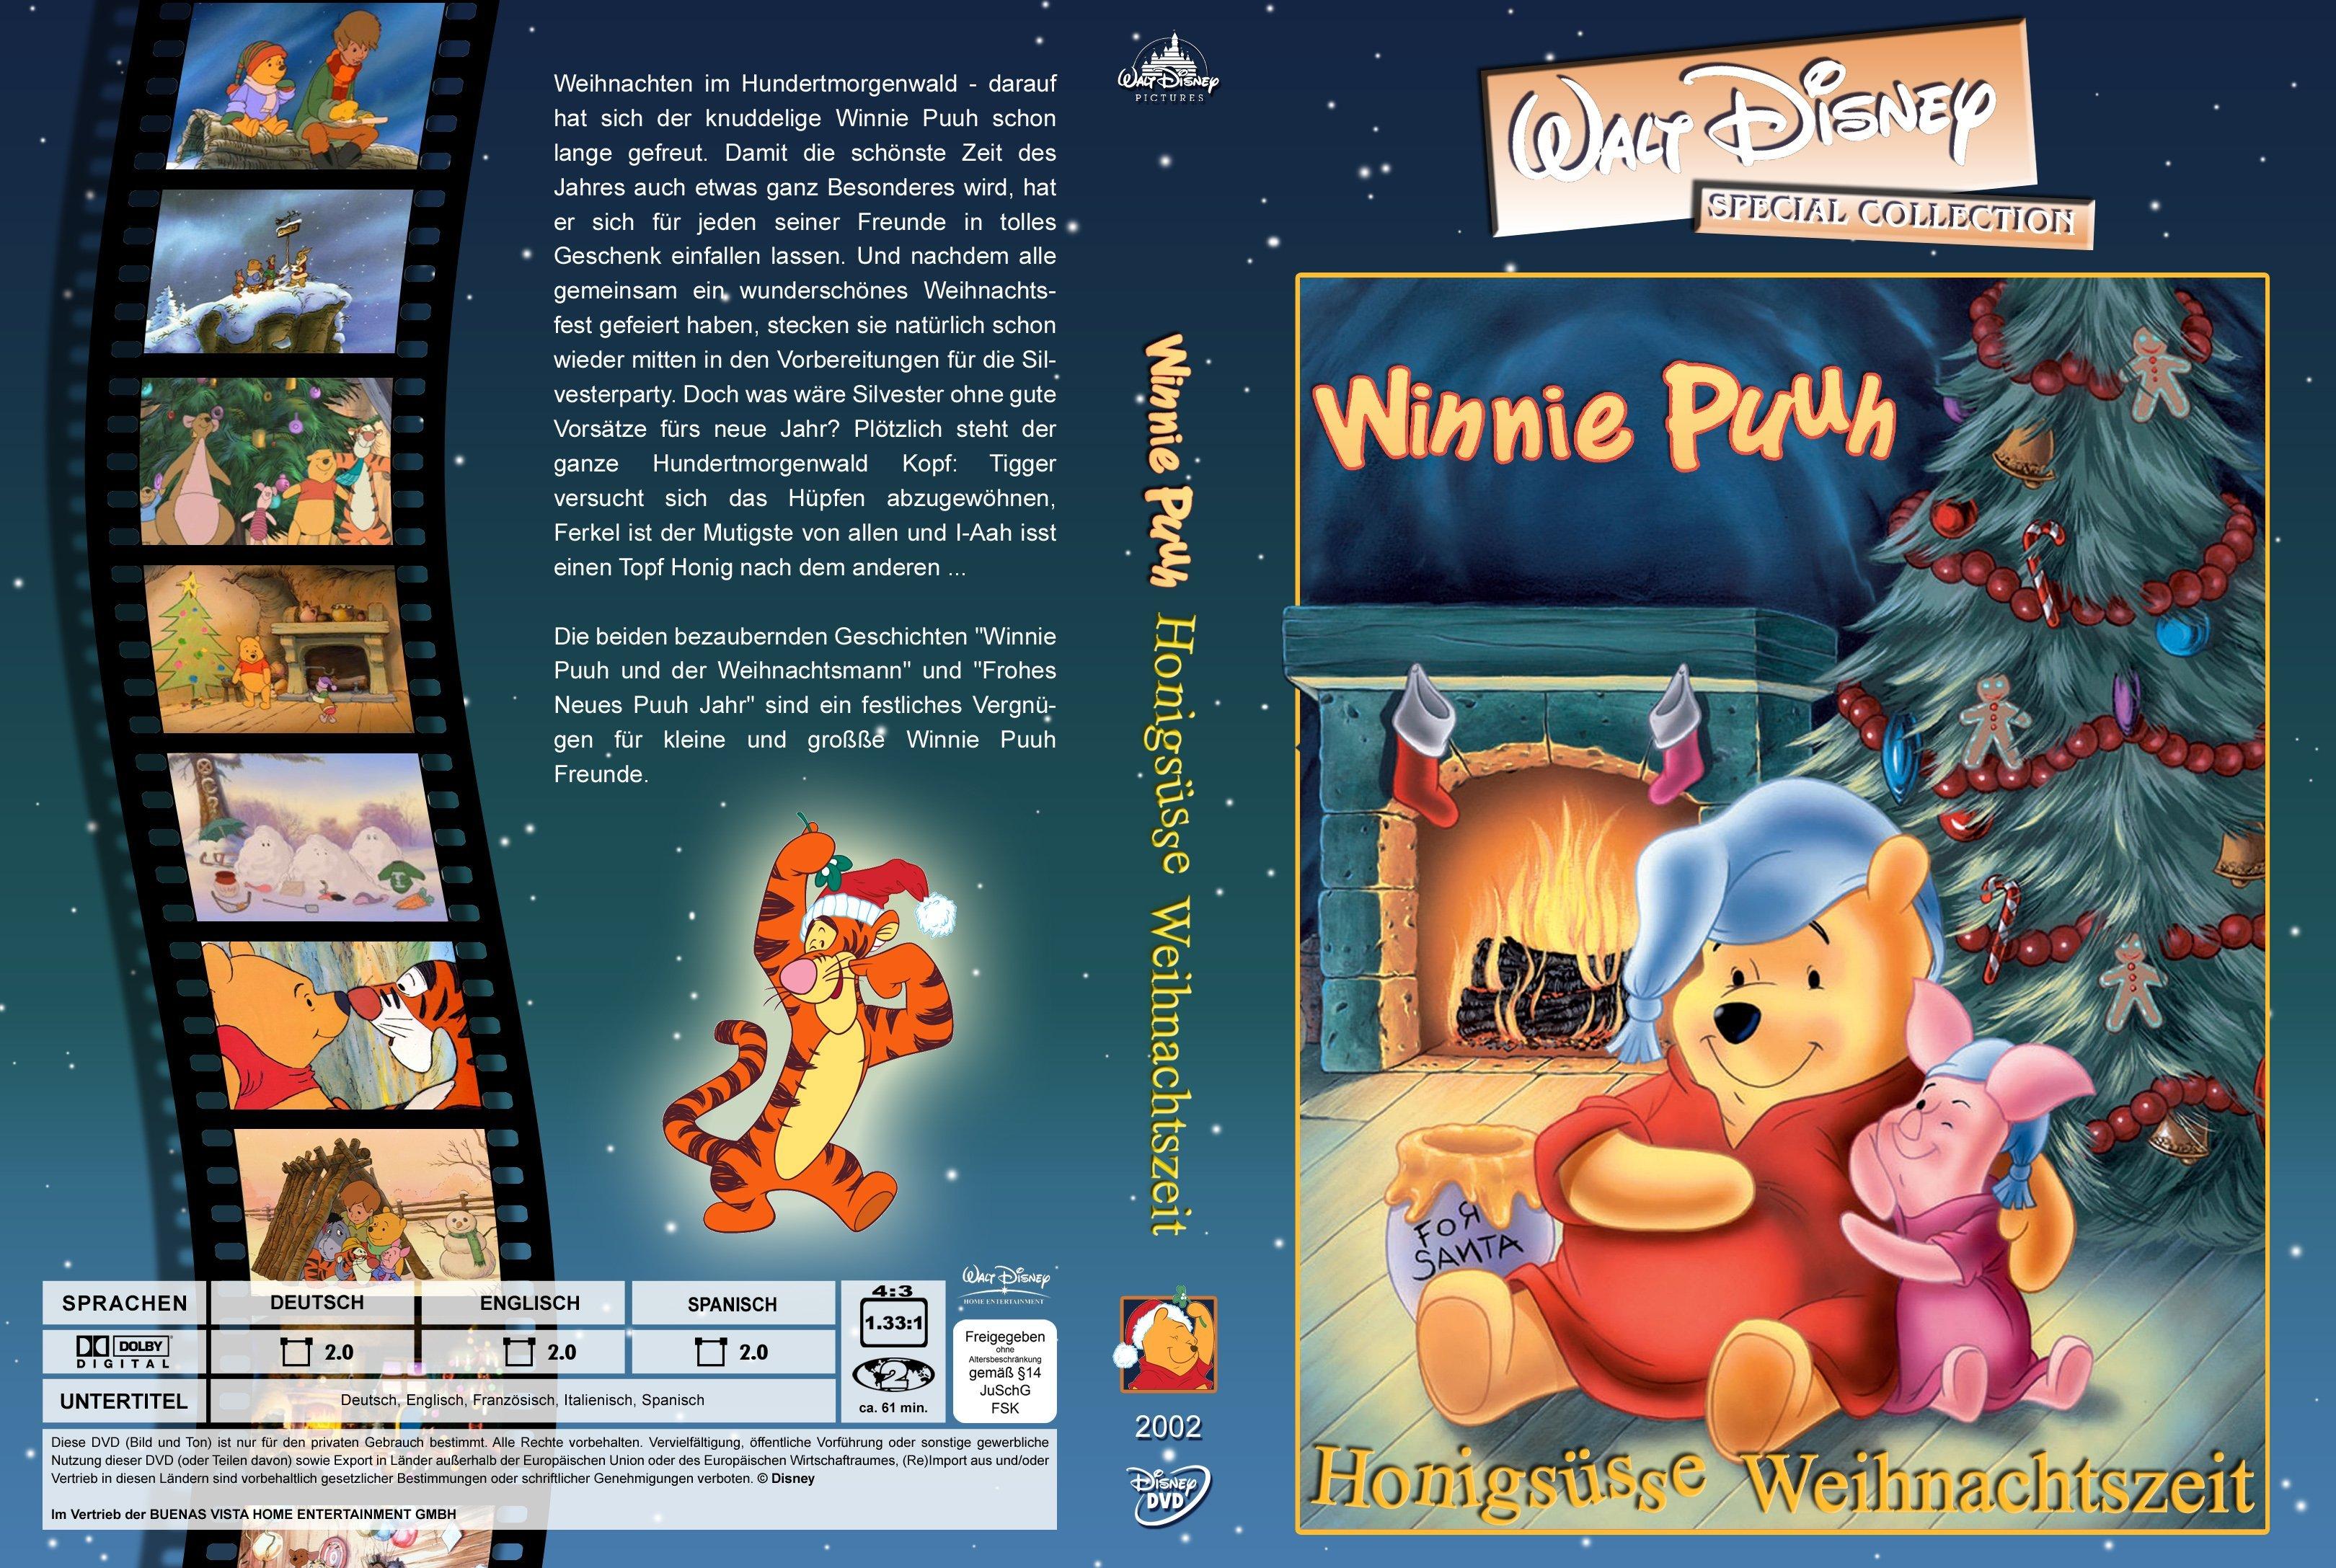 Winnie Puuh Honigssse Weihnachtszeit Walt Disney Special